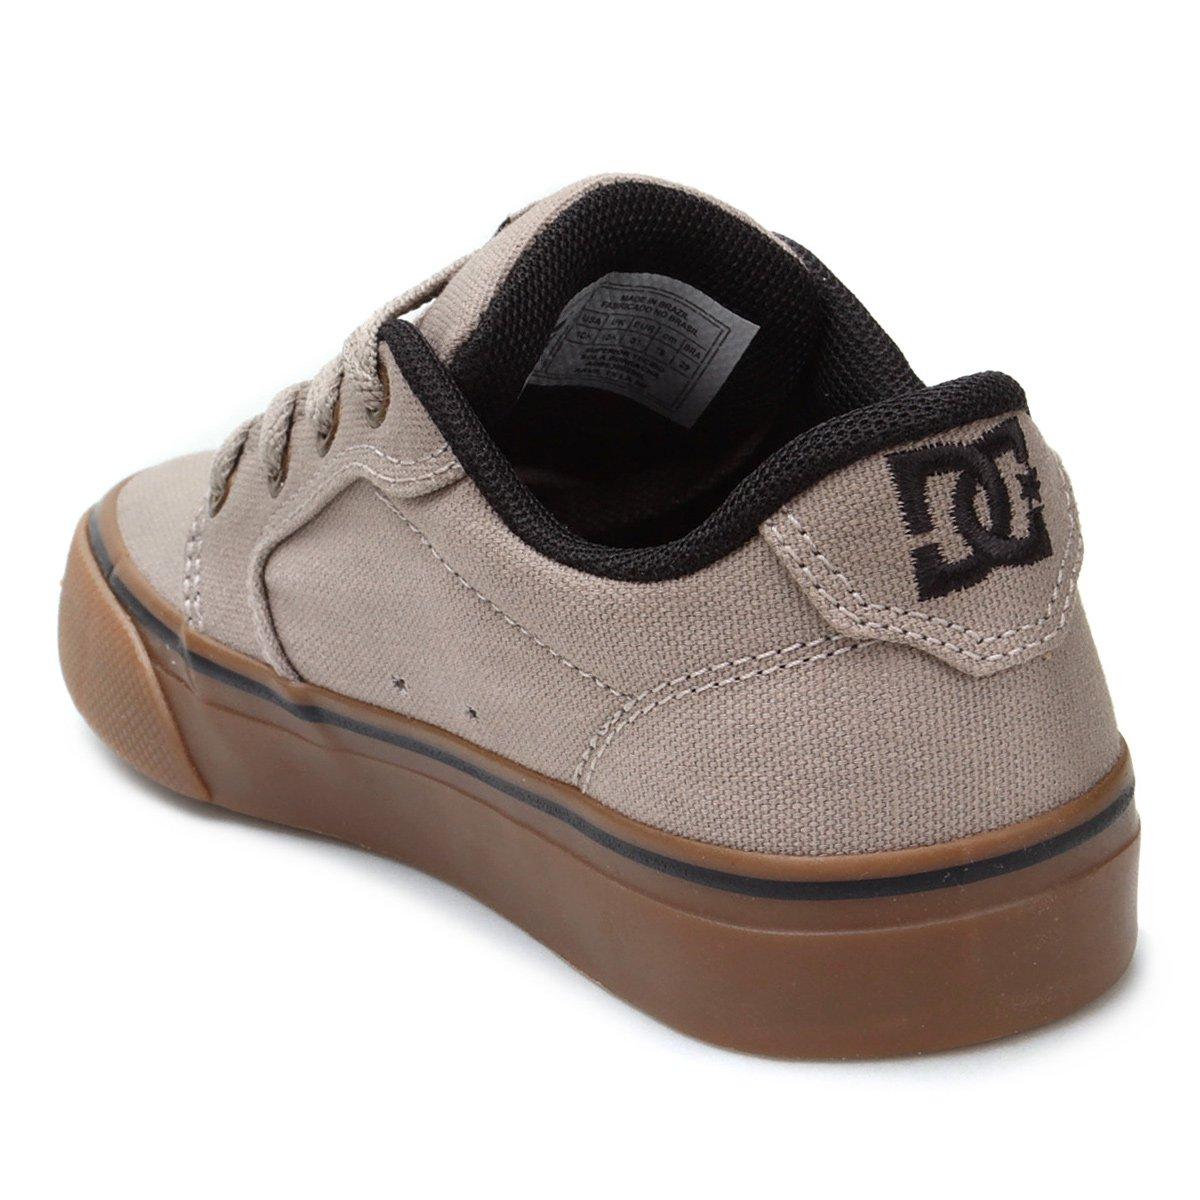 a53e5db53e Tênis Infantil DC Shoes Anvil Tx La Masculino - Cinza Claro - Compre ...